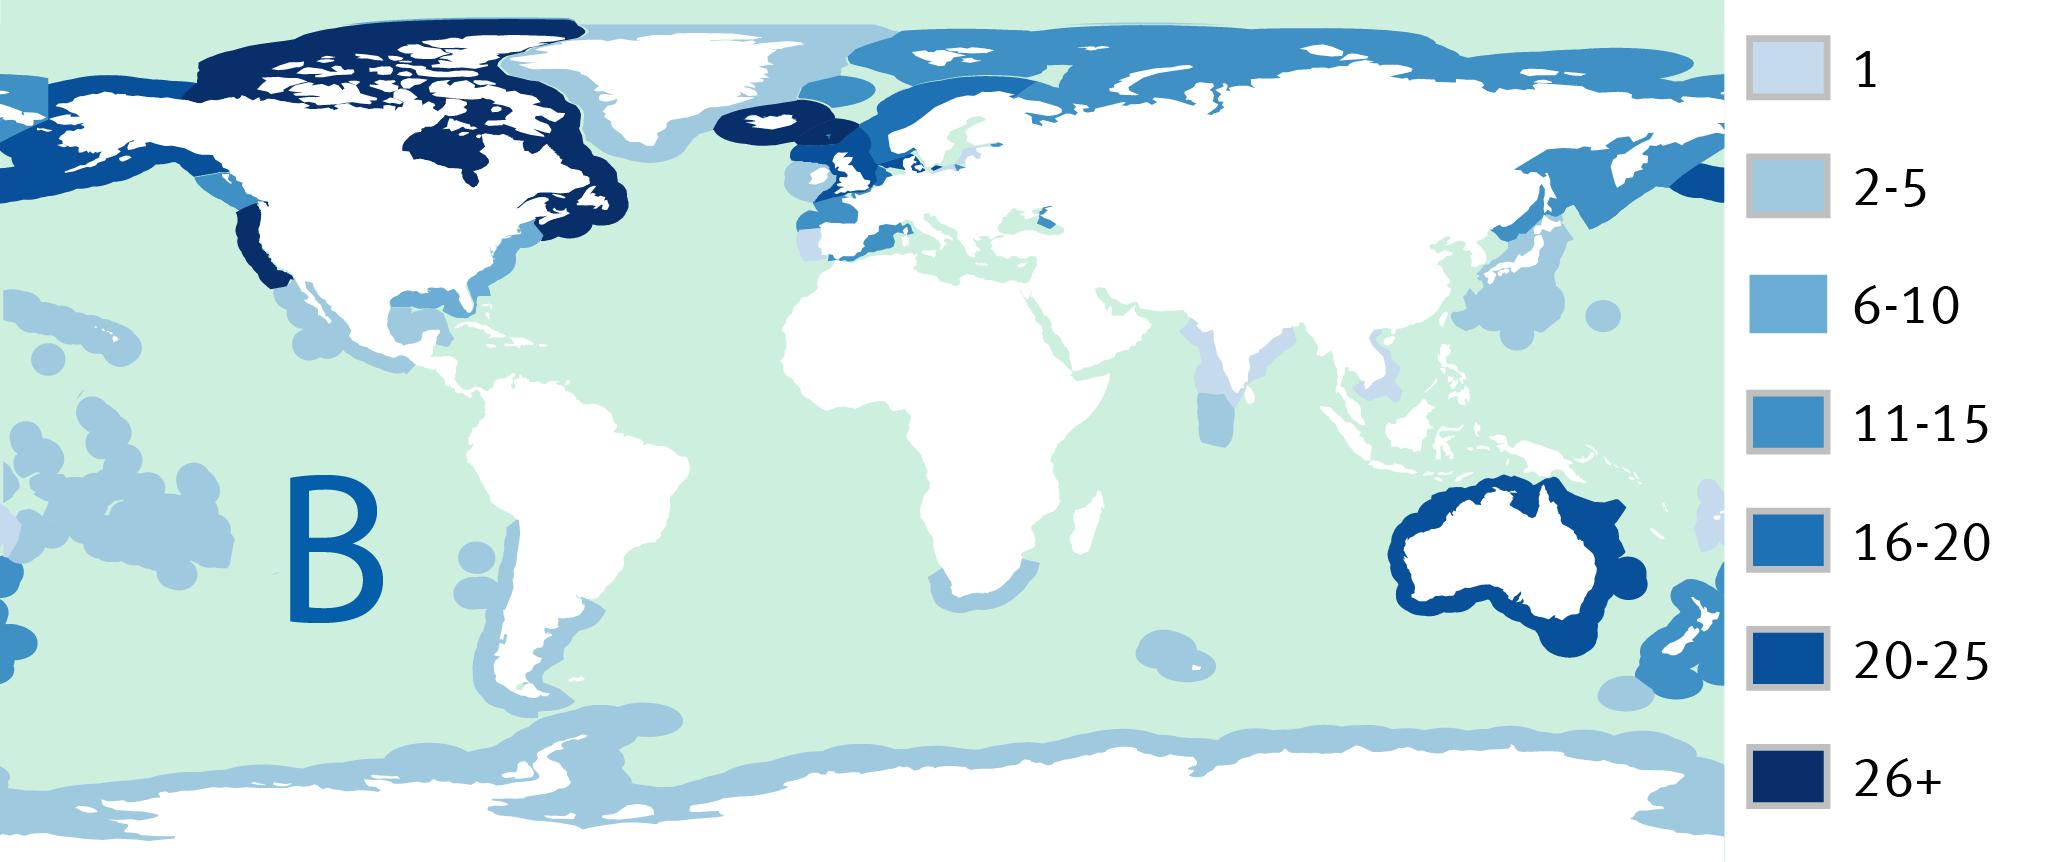 Kaart B: Aantal gecertificeerde visserijen in de EEZ's van elk land in 2015 (EEZ's enkel getoond bij landen met gecertificeerde visserijen)